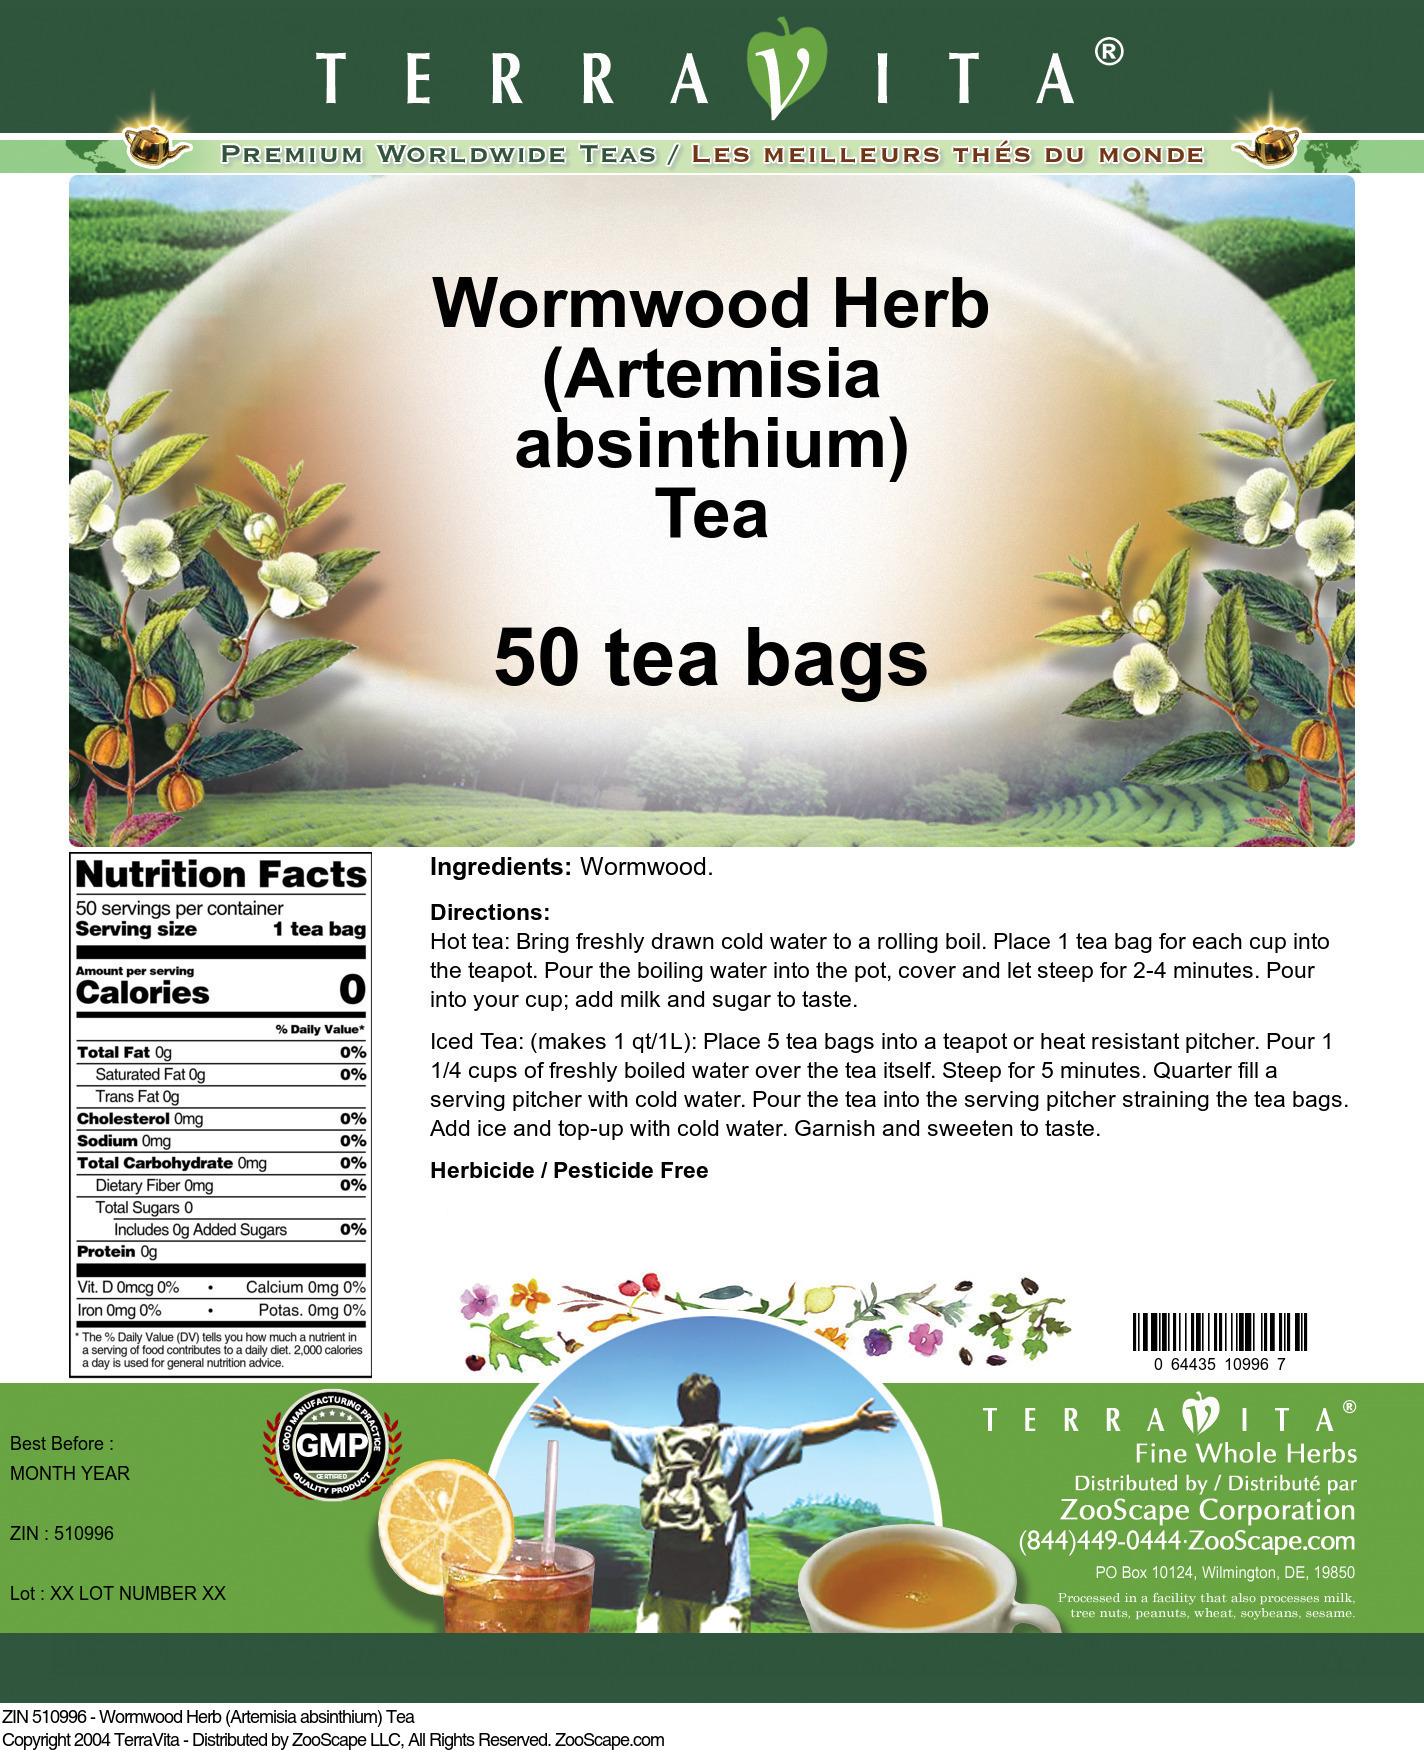 Wormwood Herb (Artemisia absinthium) Tea